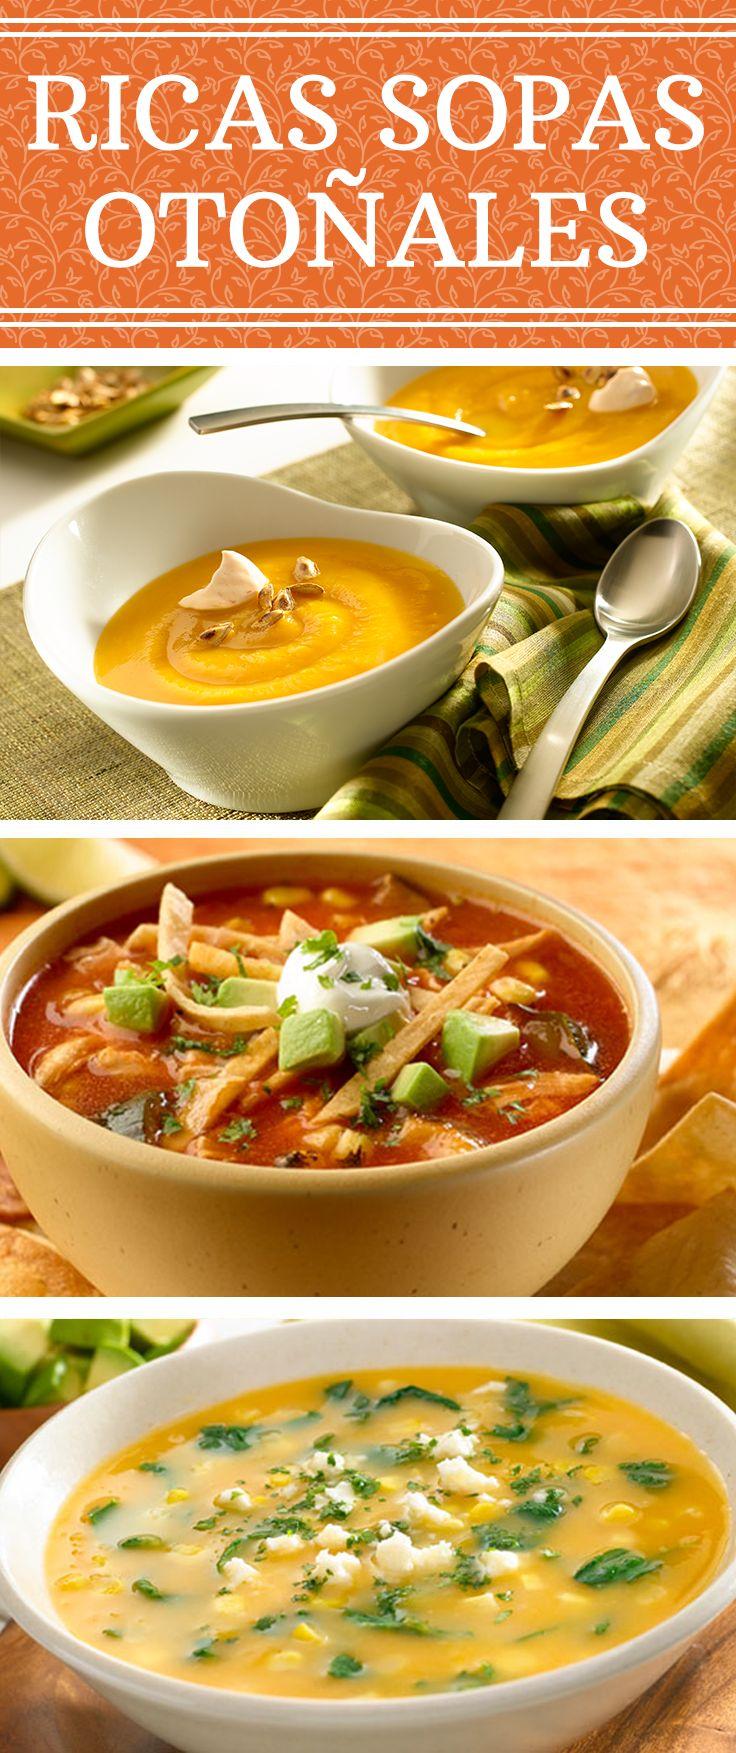 ¡Nada como unas ricas sopas otoñales con nuestros sabores latinos! Pruébalas y decide cuál es tu favorita: Crema de calabaza a chipotle | Sopa de tortilla con pollo y verduras asadas | Locro.